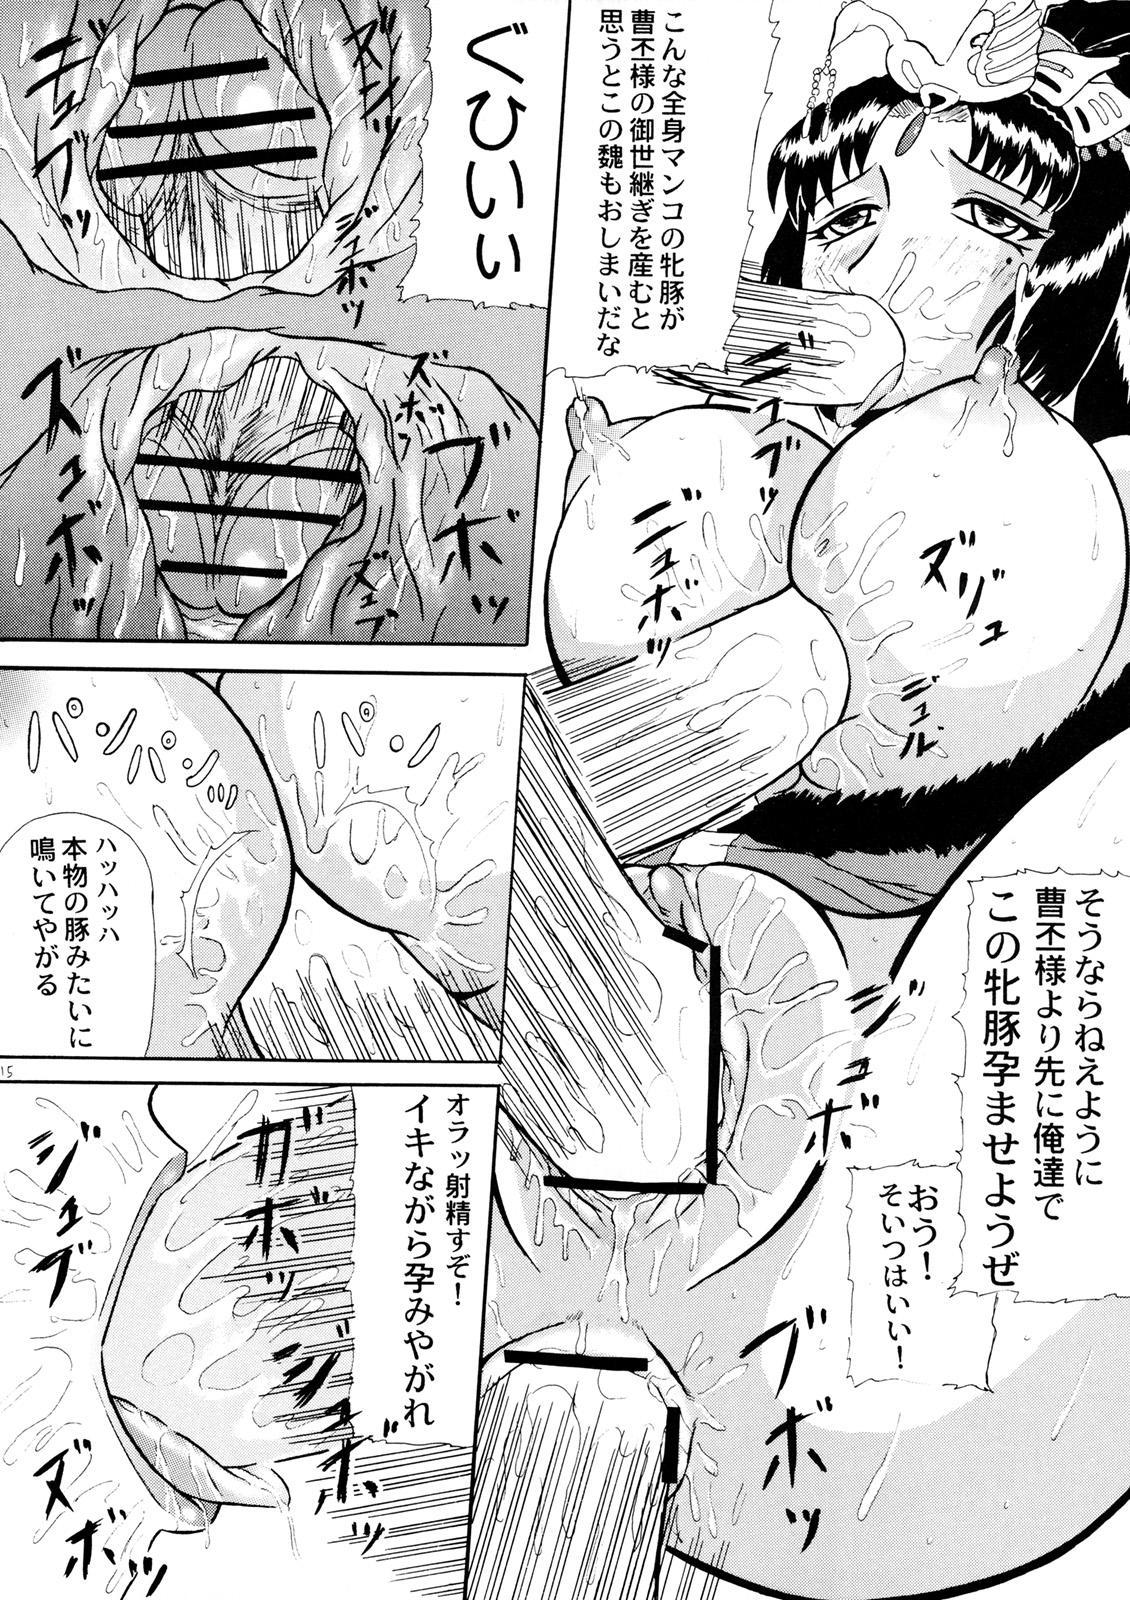 Tsukiyou Hikyou 13